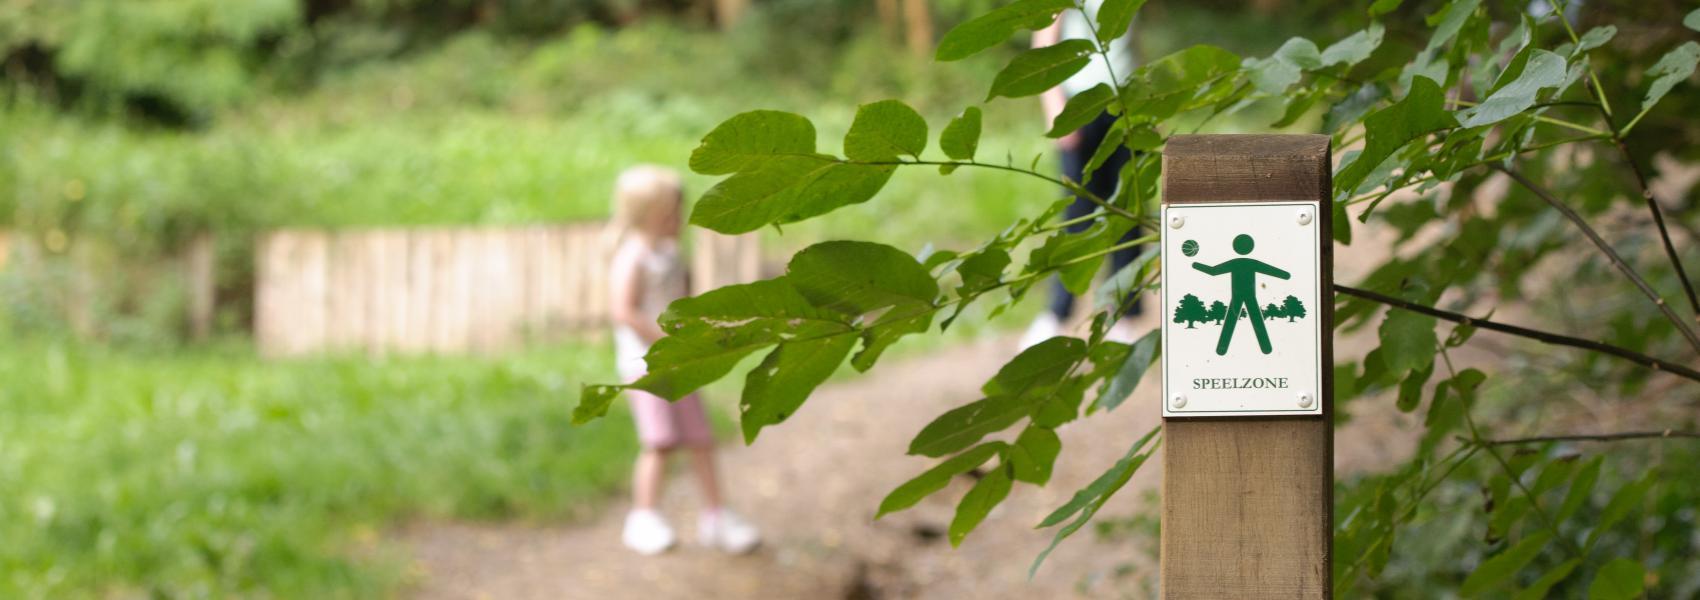 bordje speelzone met op de achtergrond mensen in het bos